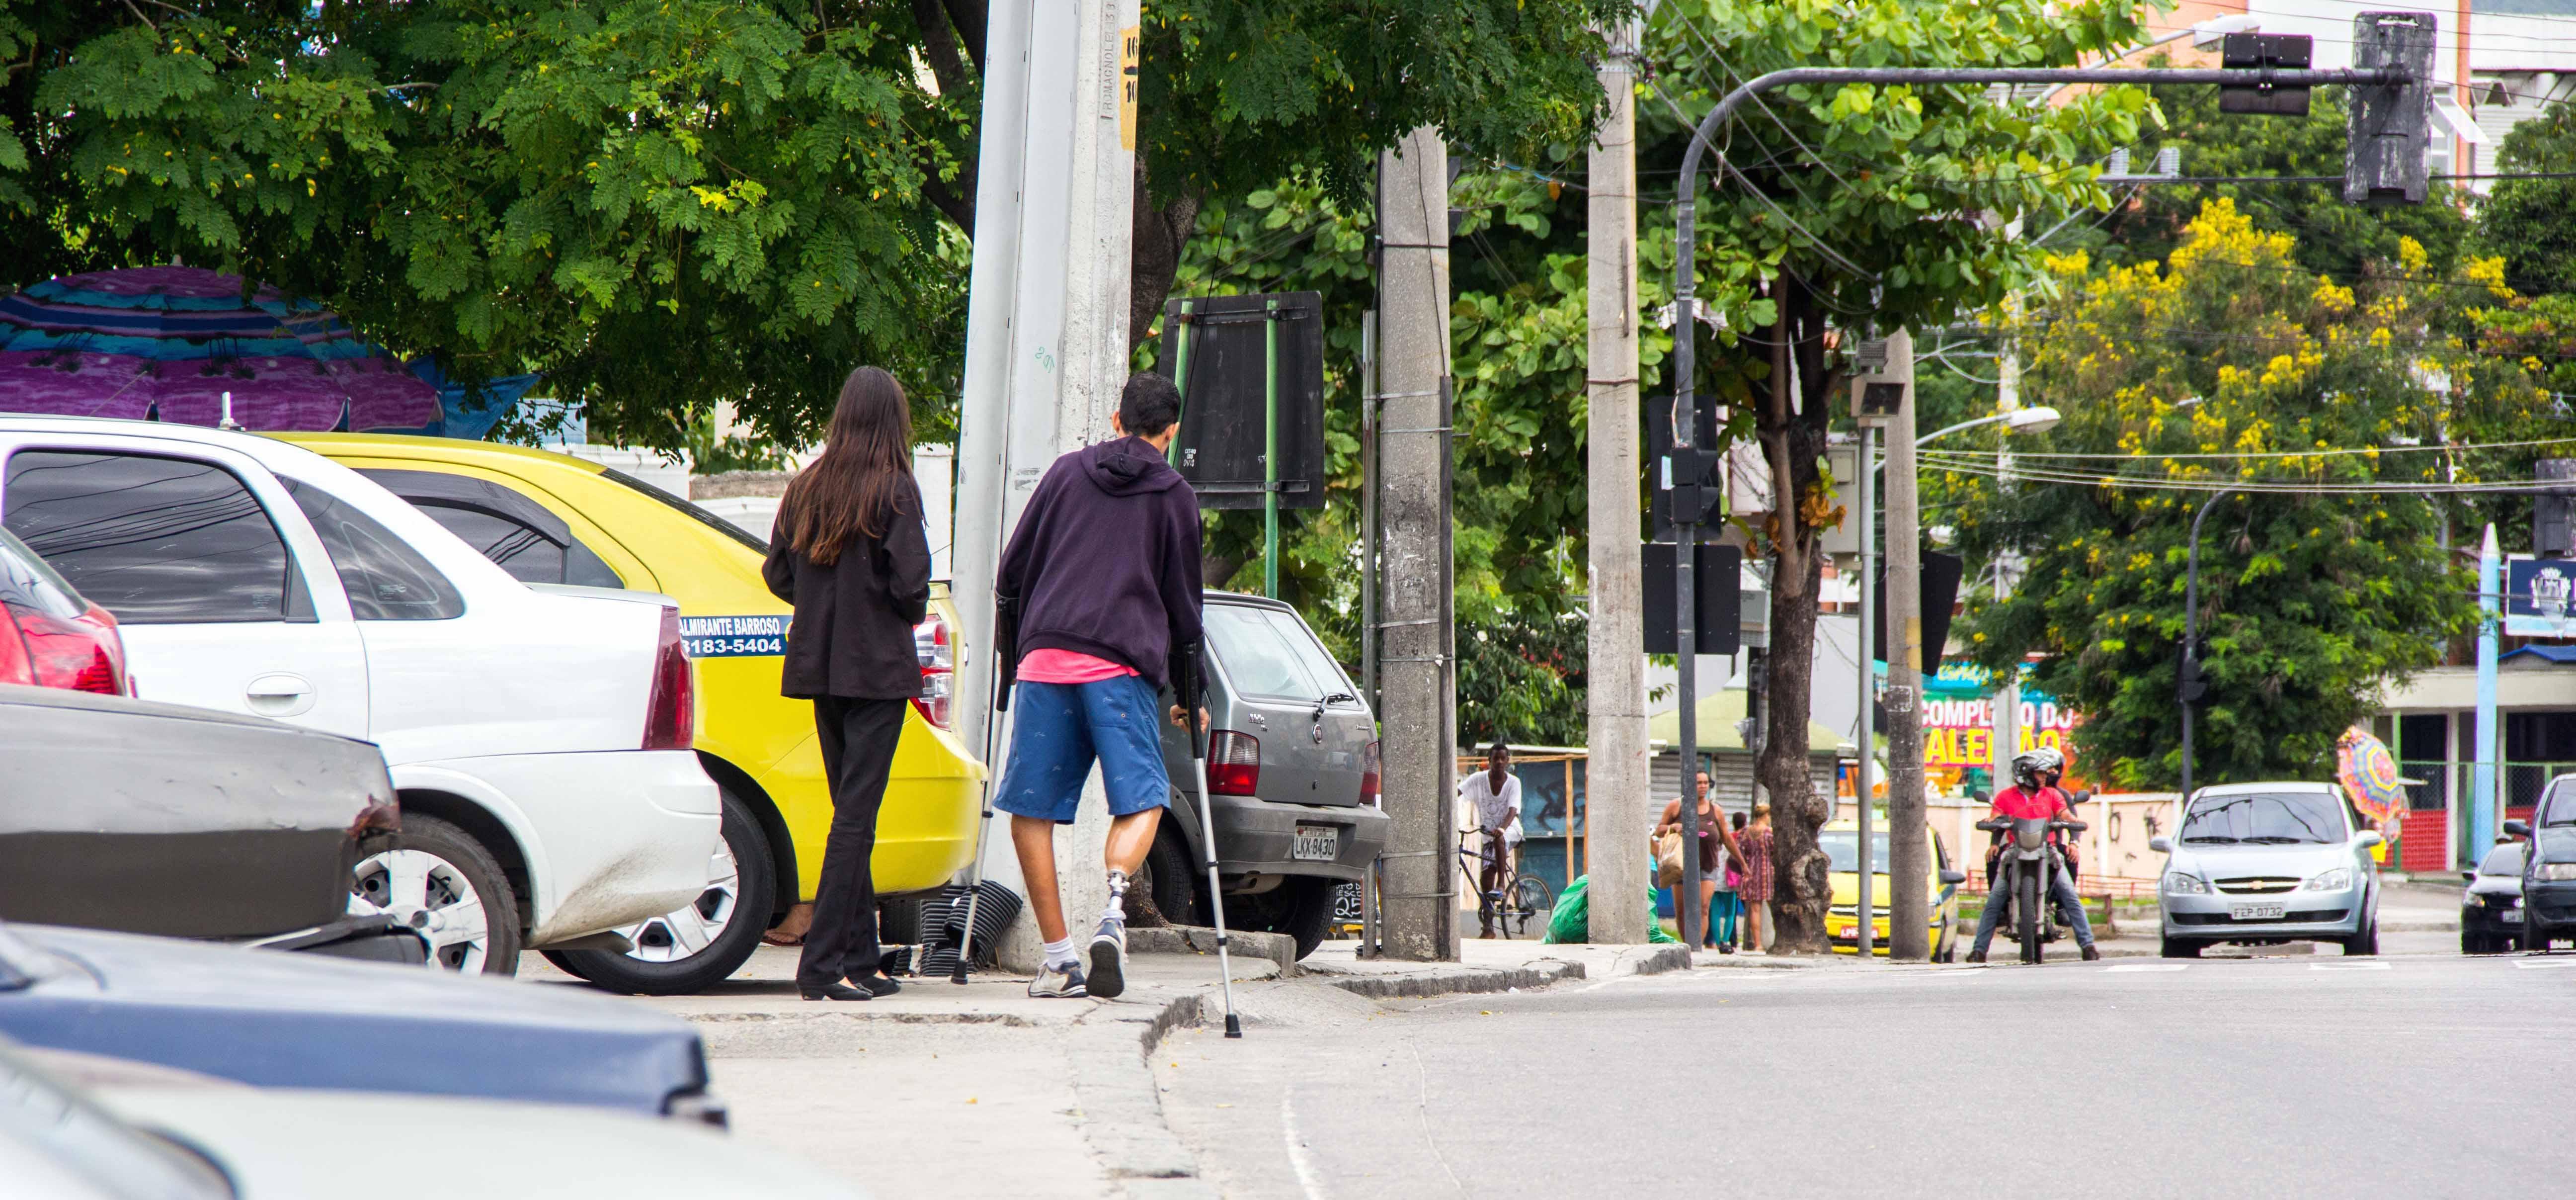 Andar a pé pela Itararé é uma aventura - Foto: Renato Moura